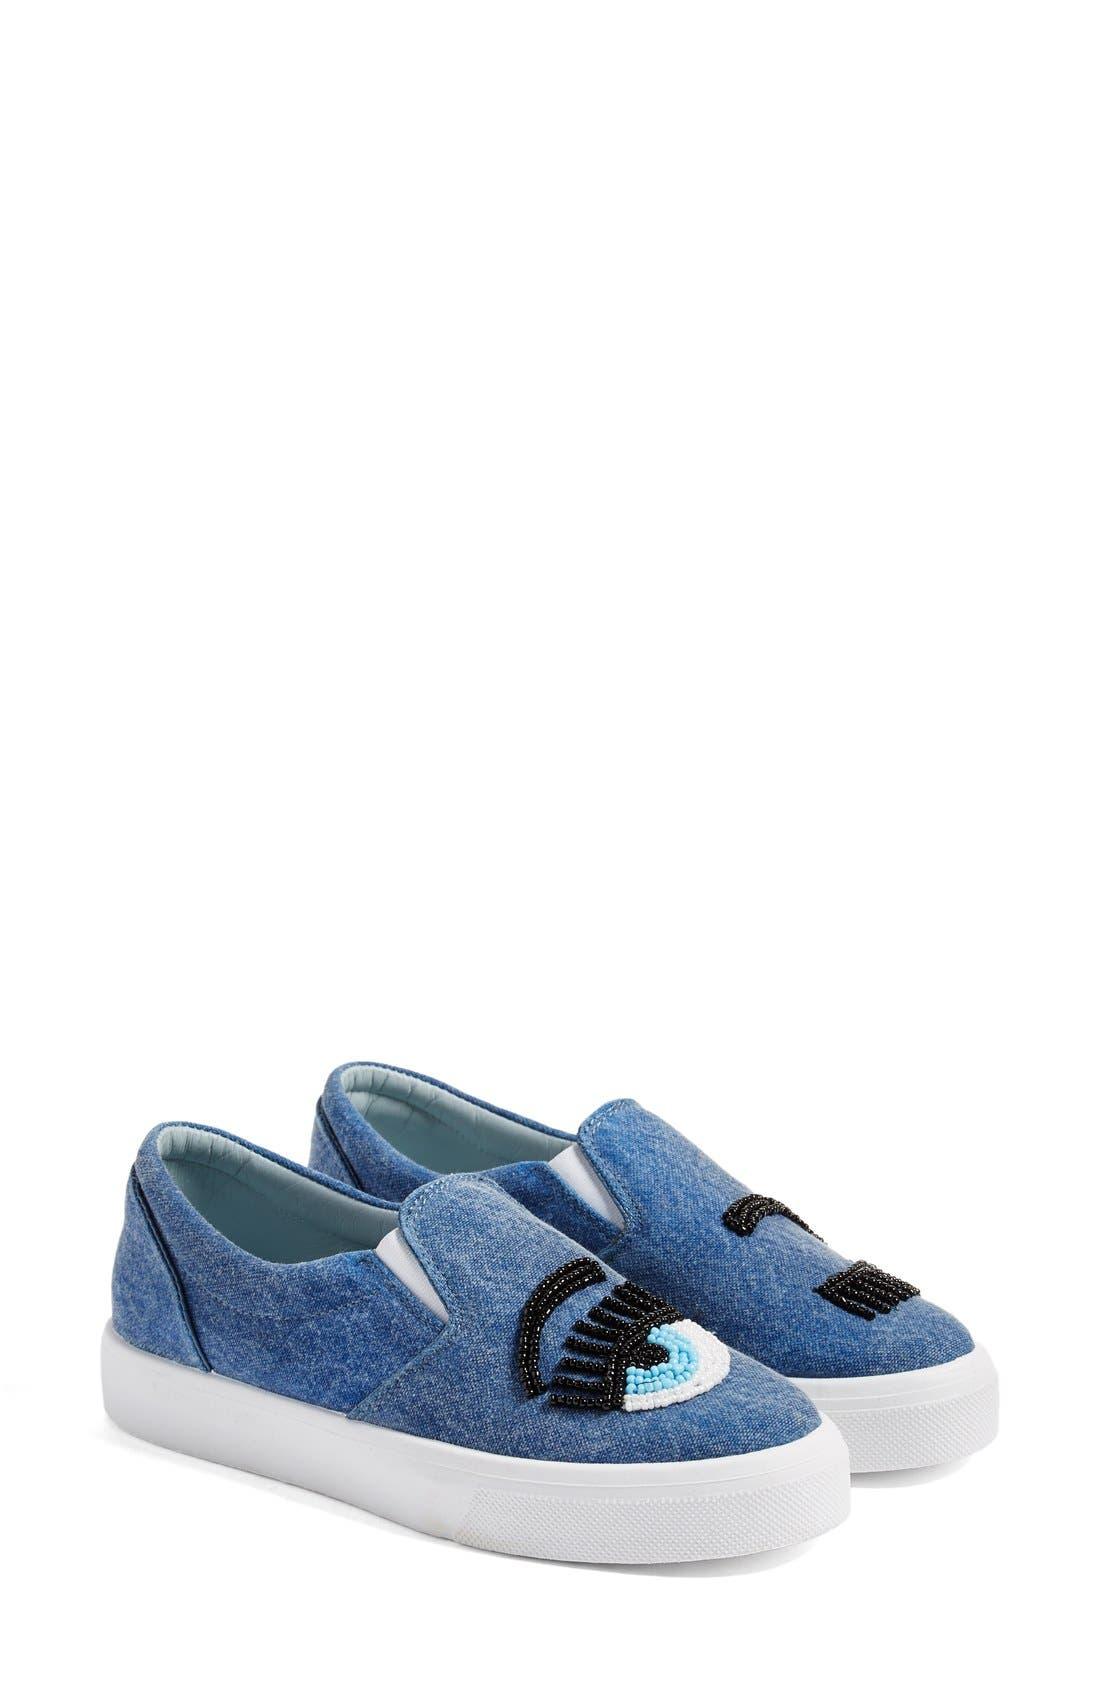 Alternate Image 3  - Chiara Ferragni Flirting Beaded Slip-On Sneaker (Women)